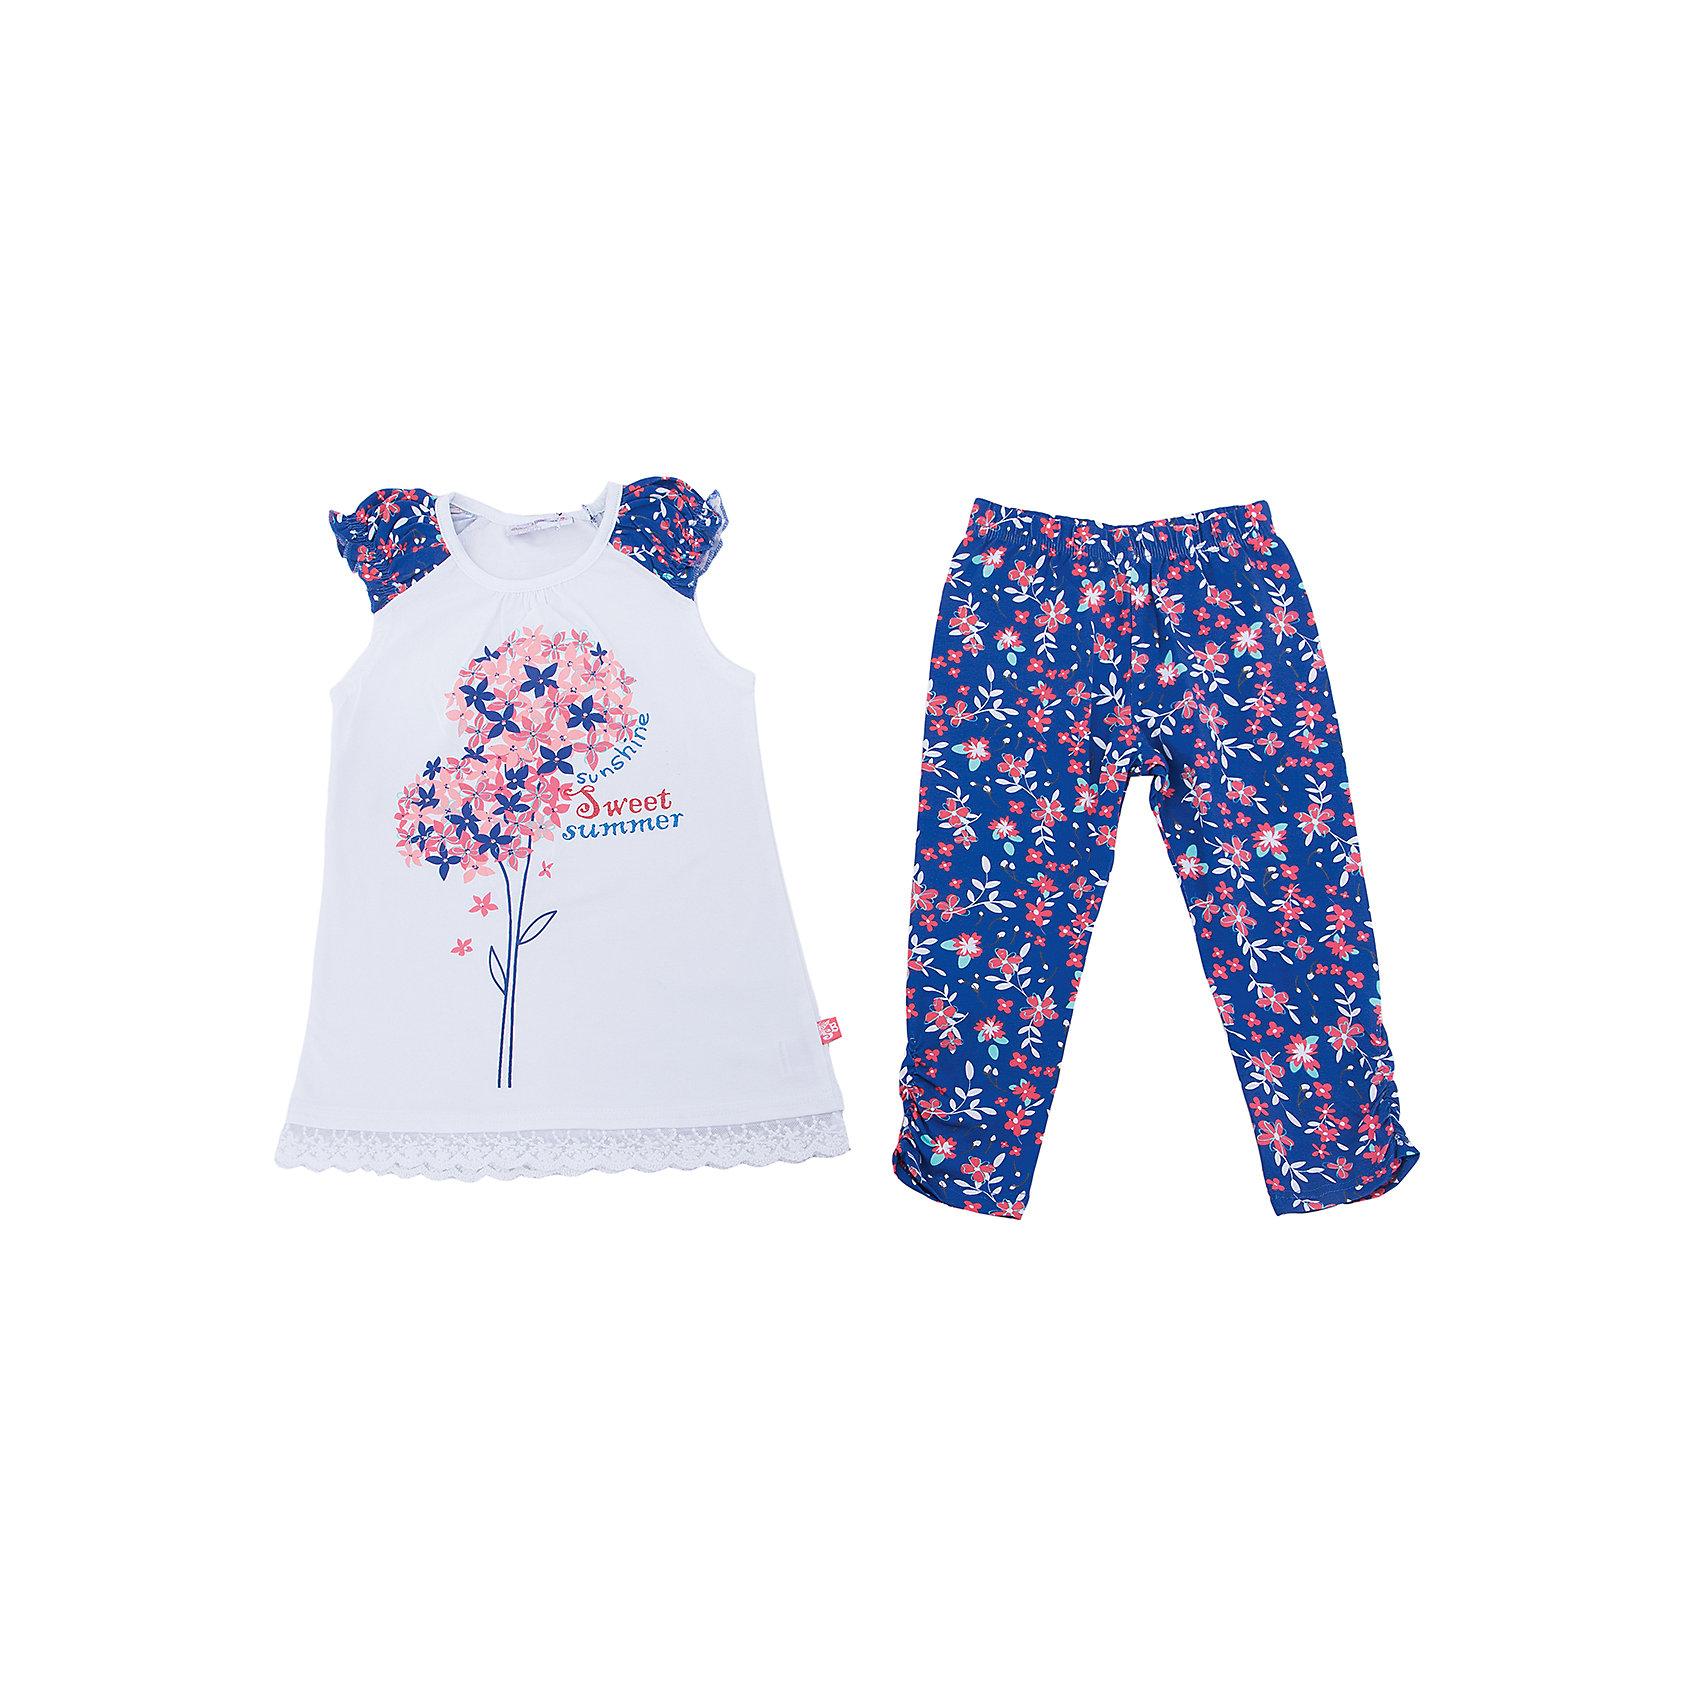 Комплект: футболка и леггинсы для девочки Sweet BerryТрикотажный комплект для девочки. Удлиненная футболка с цветочным рисунком, свободный крой. Лосины принтованы цветочным рисунком в тон футболке. Эластичный пояс.<br>Состав:<br>95%хлопок 5%эластан<br><br>Ширина мм: 123<br>Глубина мм: 10<br>Высота мм: 149<br>Вес г: 209<br>Цвет: разноцветный<br>Возраст от месяцев: 36<br>Возраст до месяцев: 48<br>Пол: Женский<br>Возраст: Детский<br>Размер: 116,122,128,104,98,110<br>SKU: 5412286